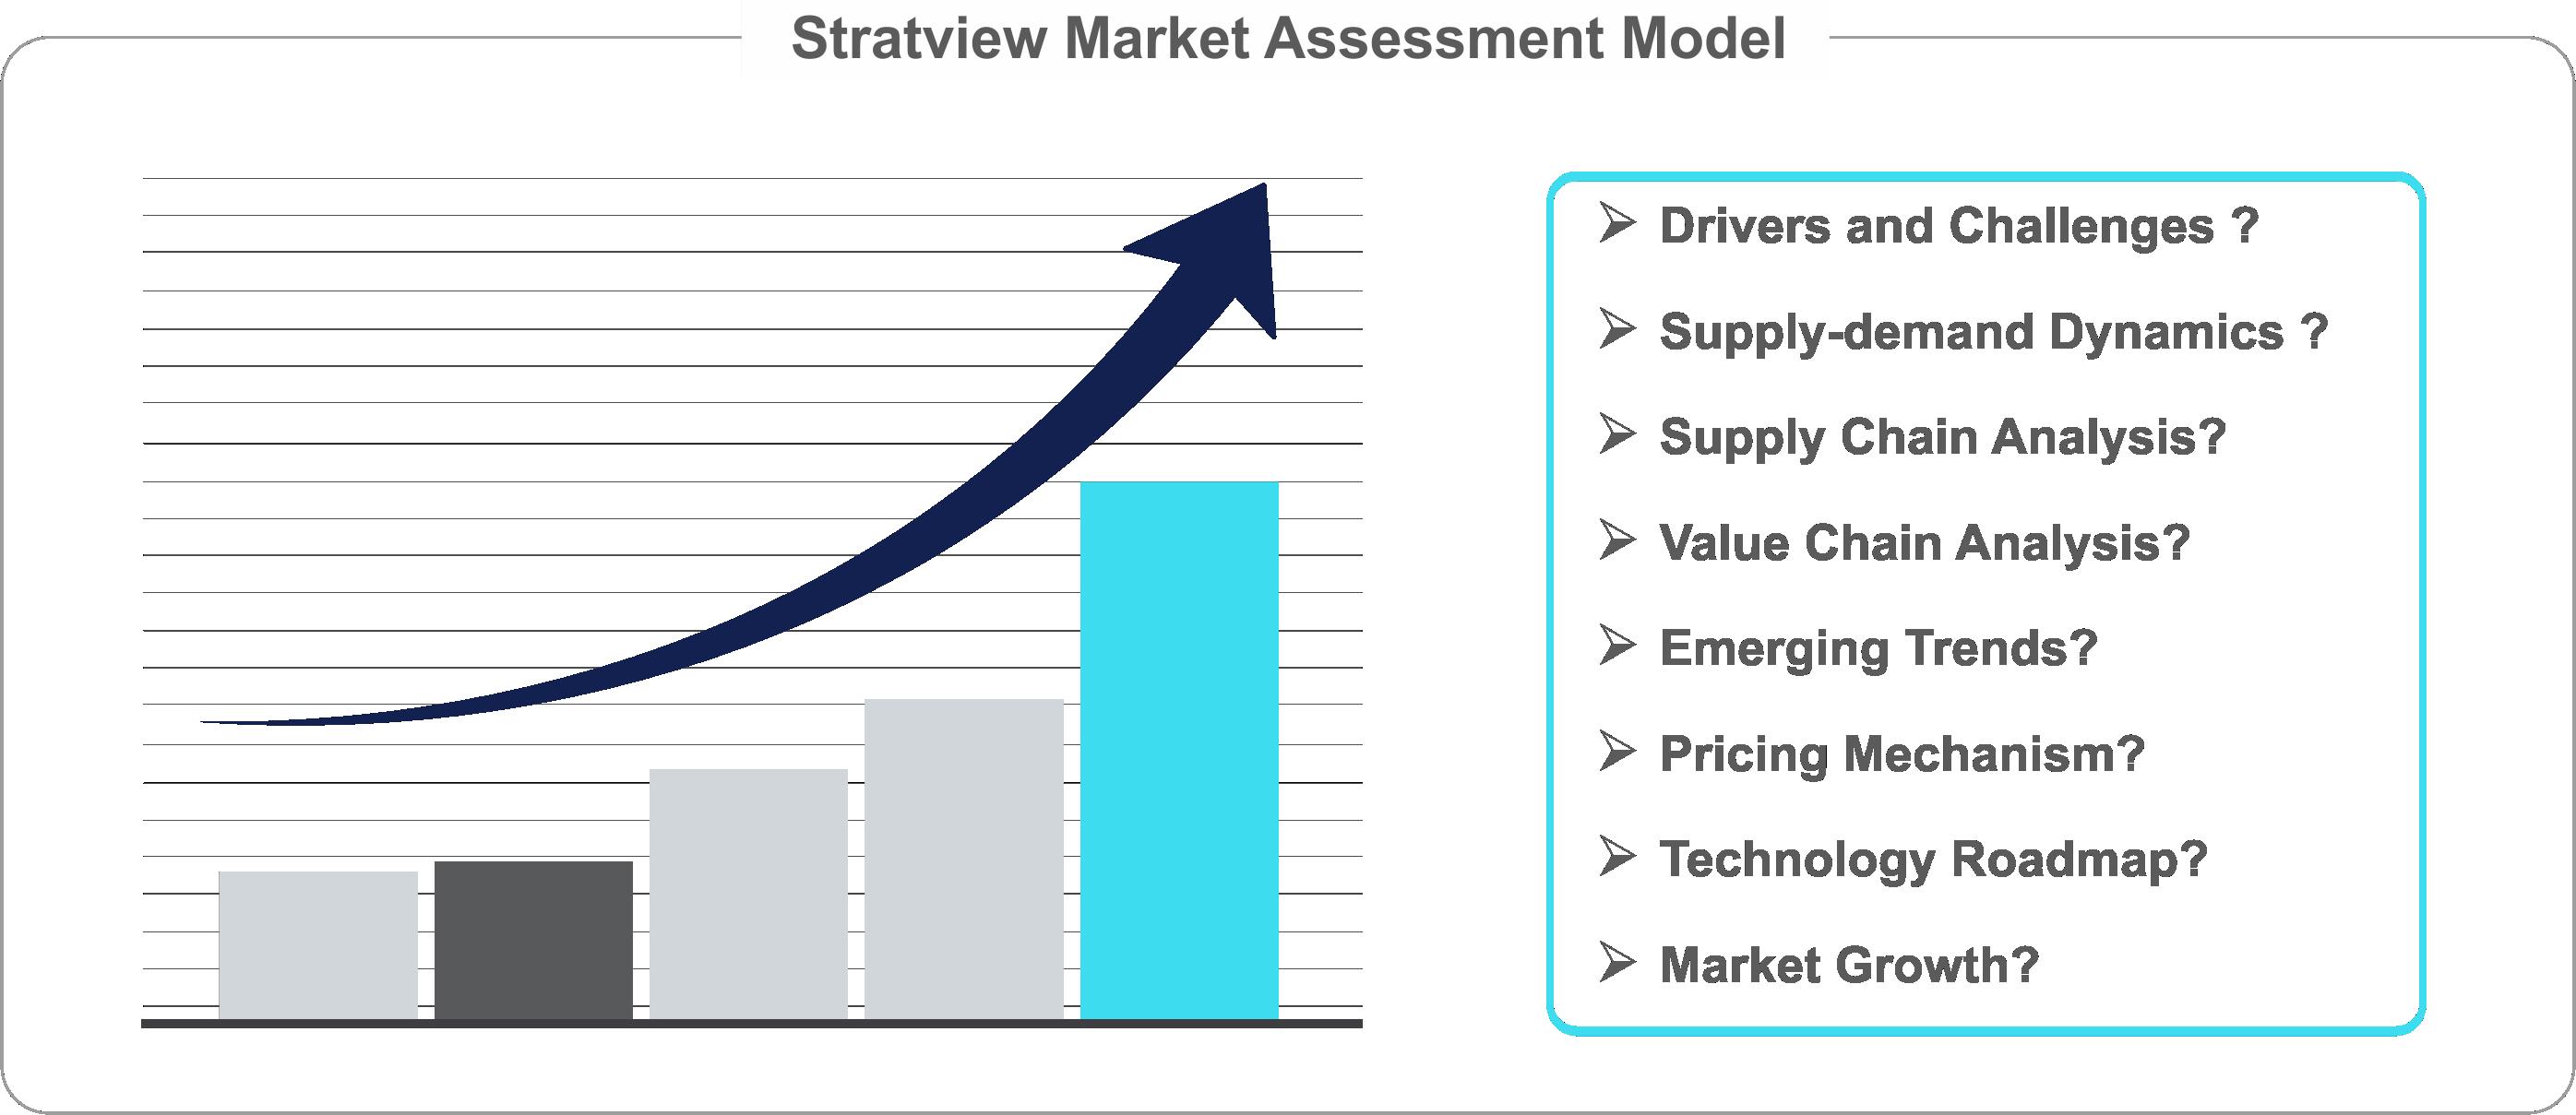 Market Assessment Modal